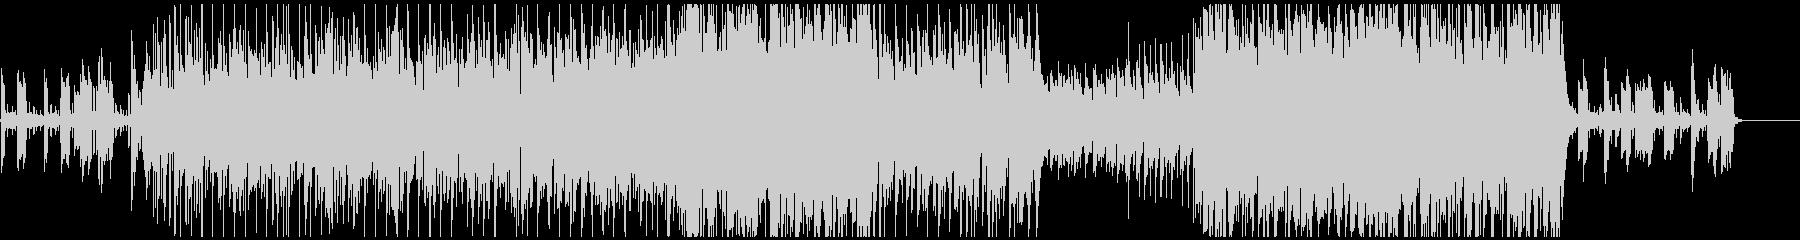 上質な雰囲気のアップテンポ曲の未再生の波形